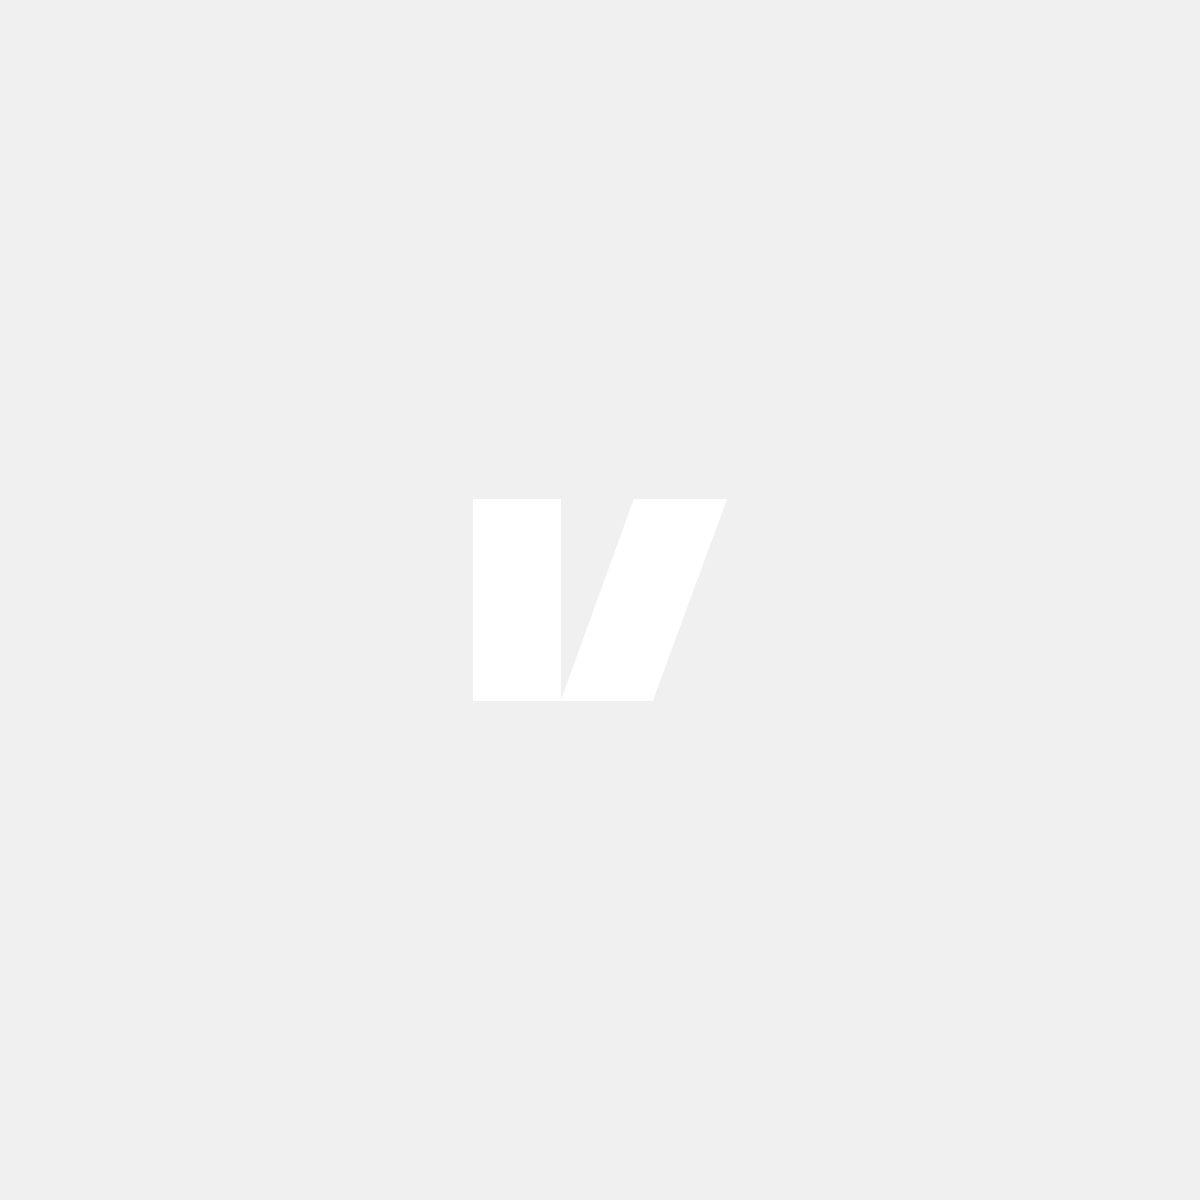 C70 USA-blinkers klarglas till Volvo S70 V70 C70, förarsidan